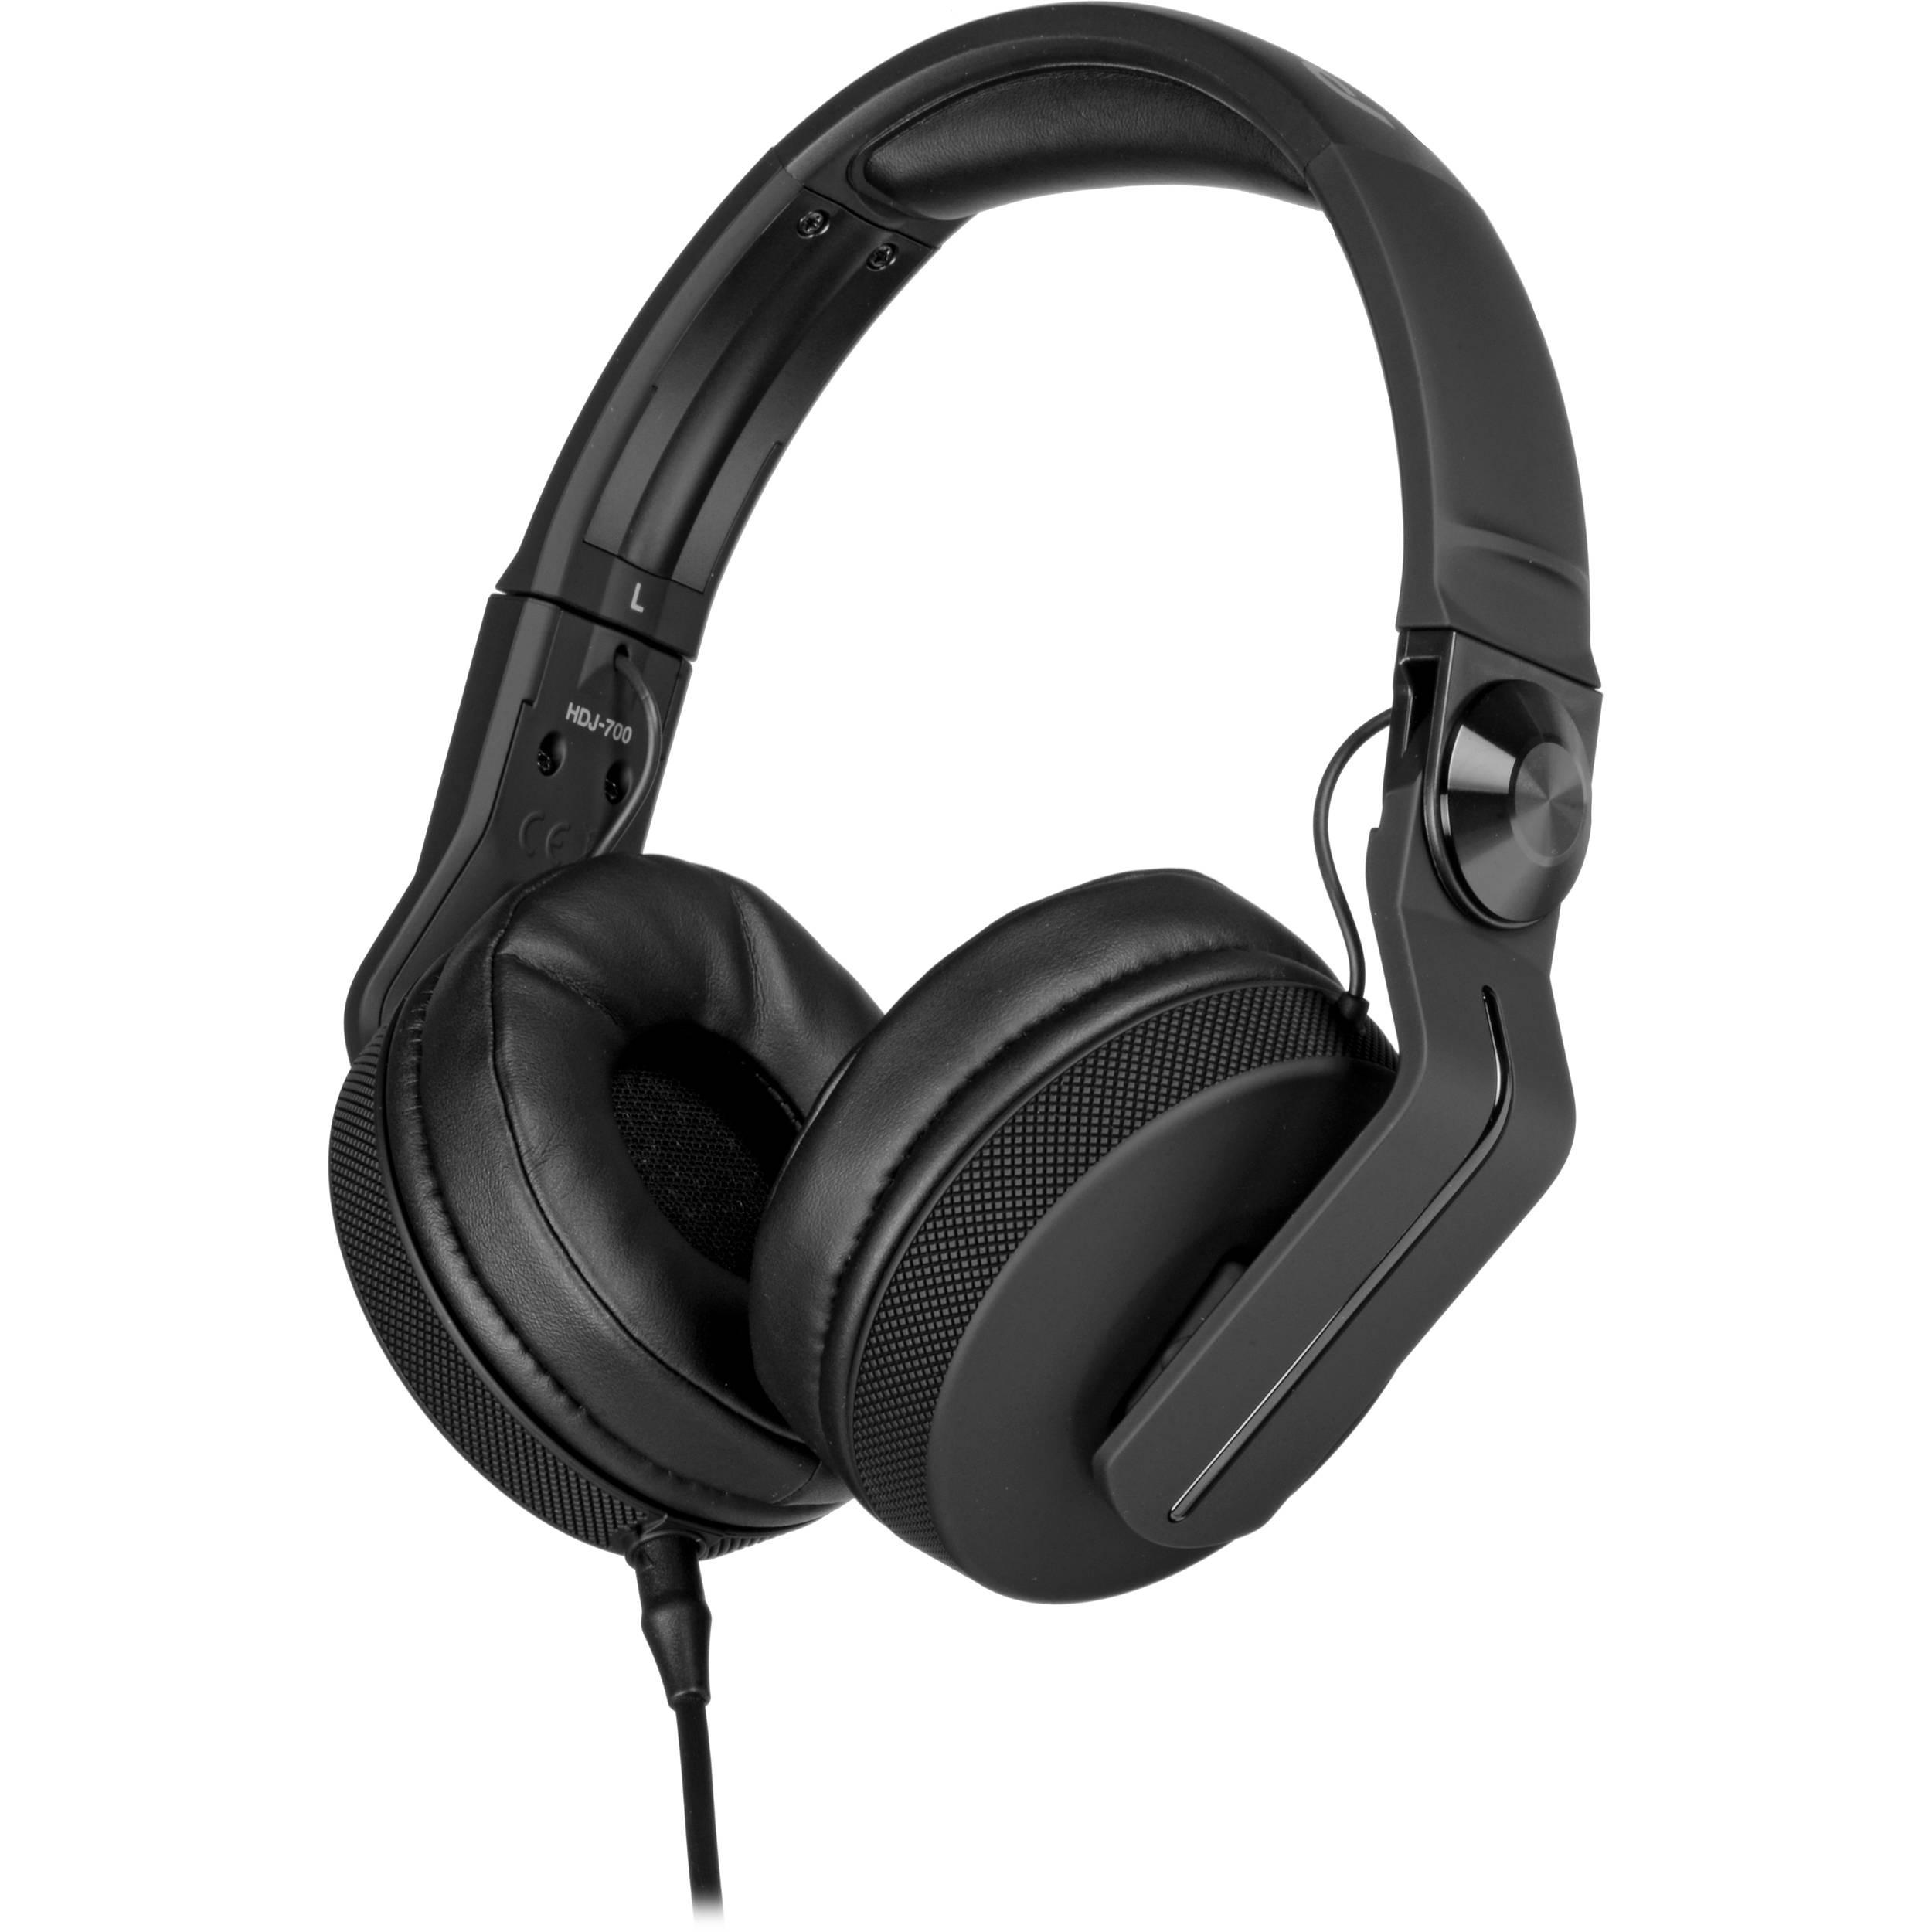 0746d6d5df1 Pioneer DJ HDJ-700 DJ Headphones (Matte Black) HDJ-700-K B&H